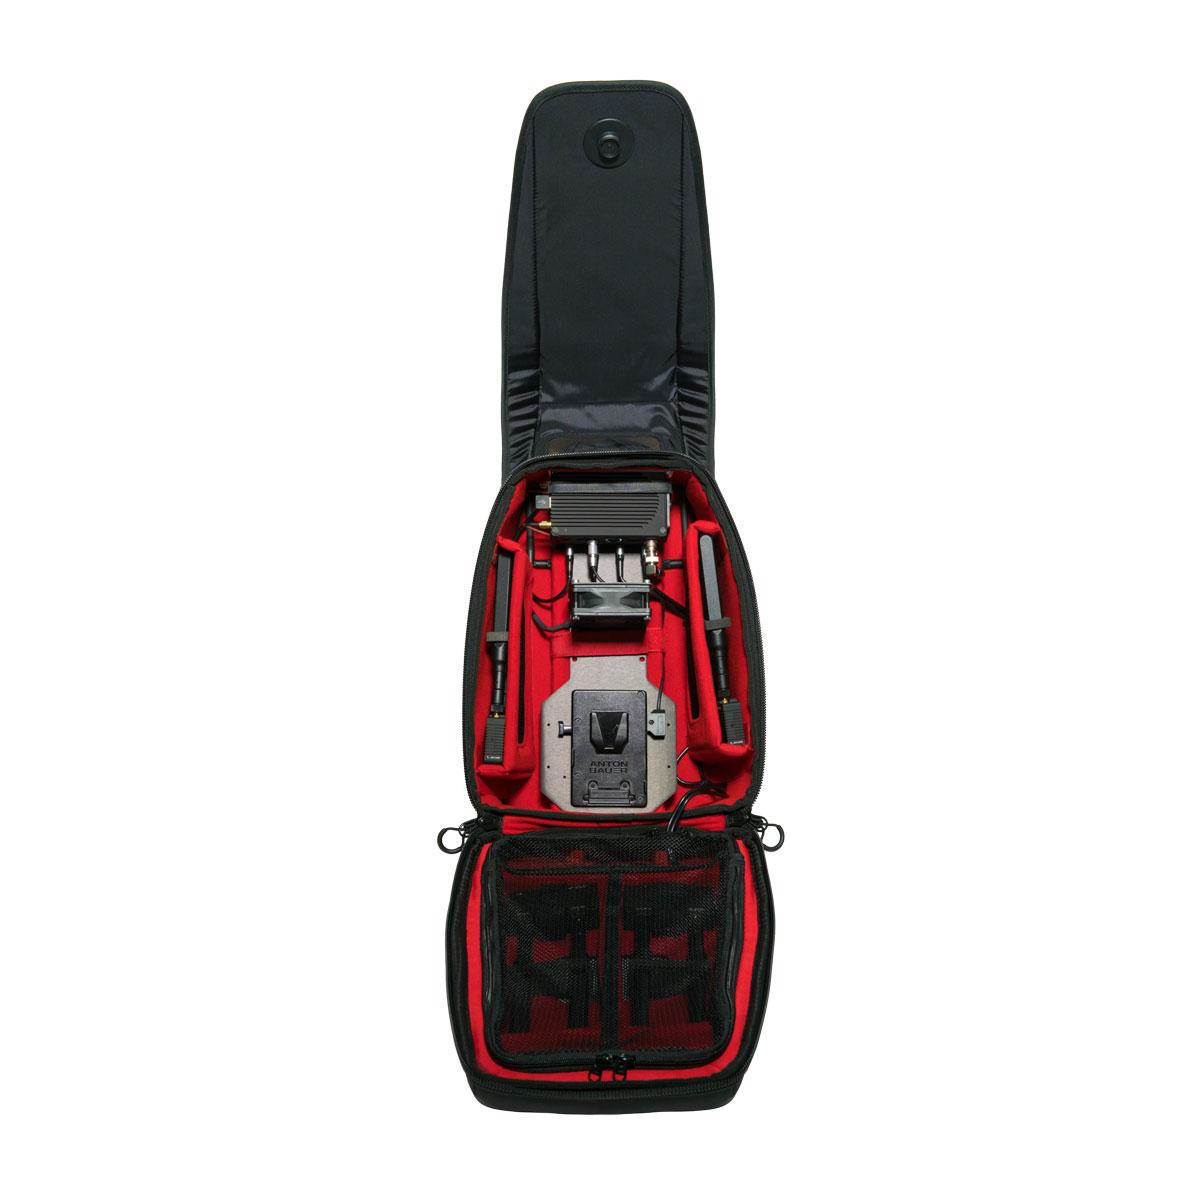 Bond 759 - Bond HEVC/AVC Backpack + MPEG-TS - 4 Nodes Japan / 4-pin to 4-pin / V-Mount